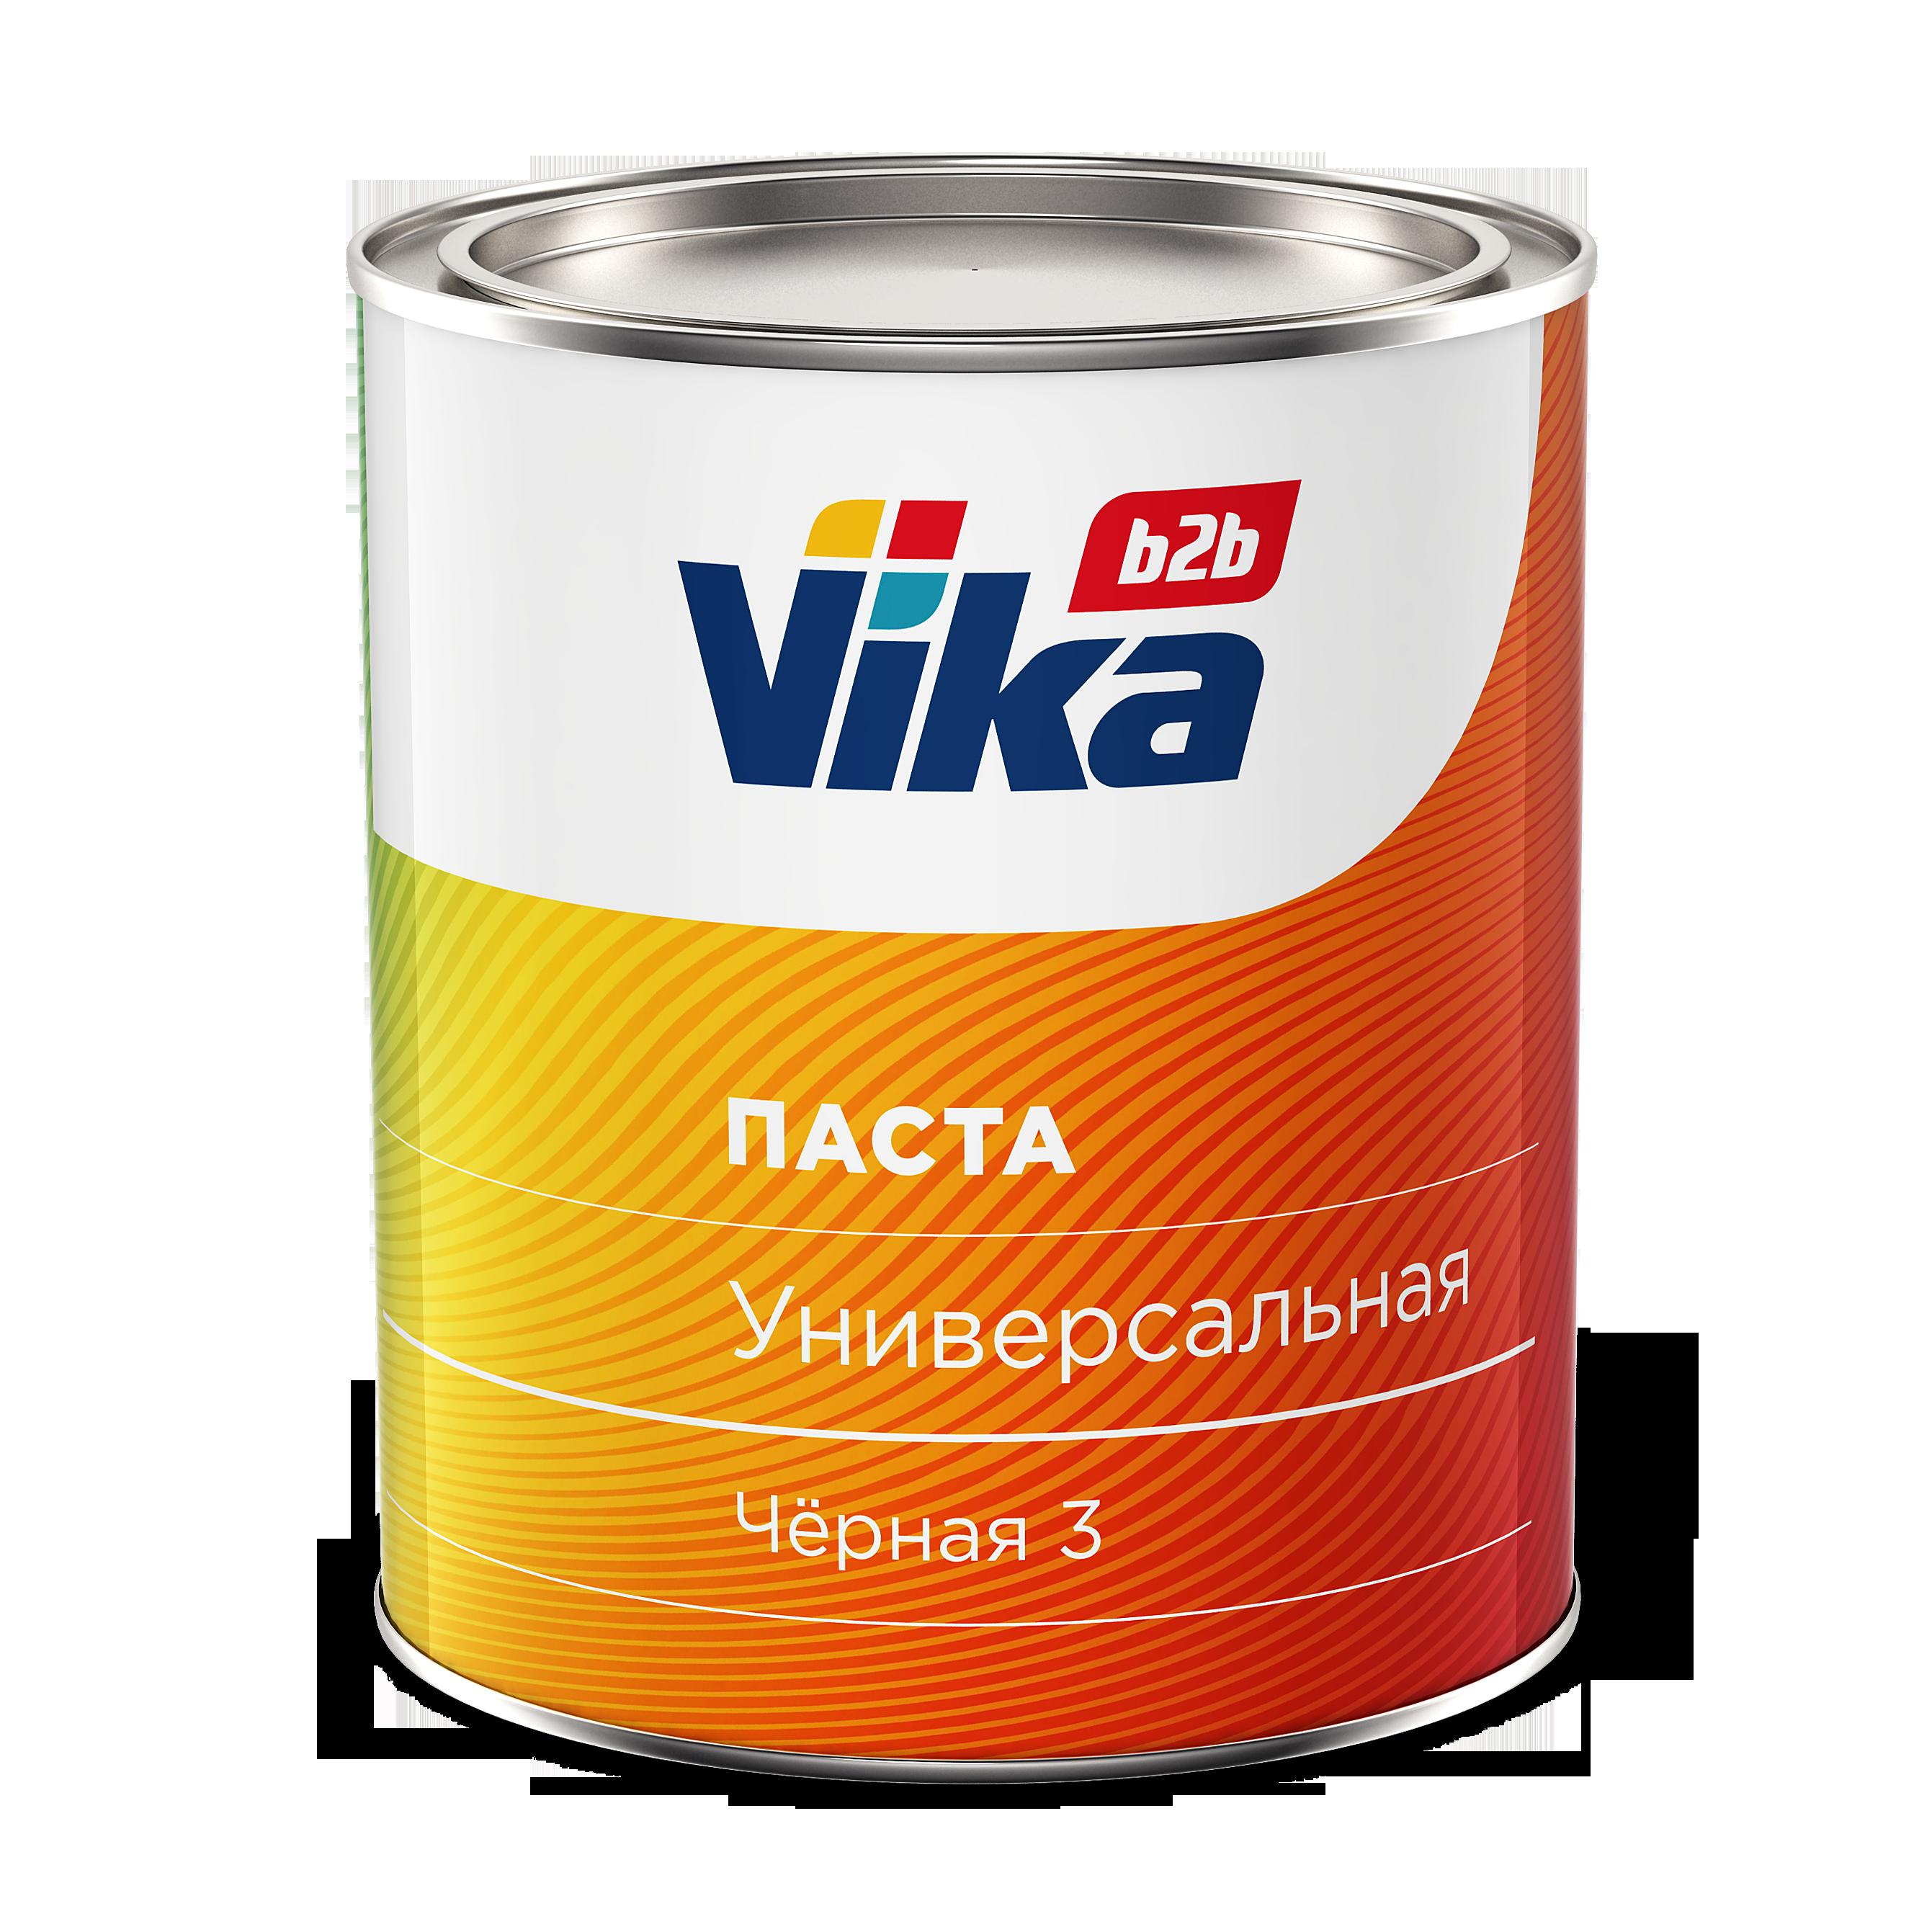 Пасты VIKA В2В универсальные